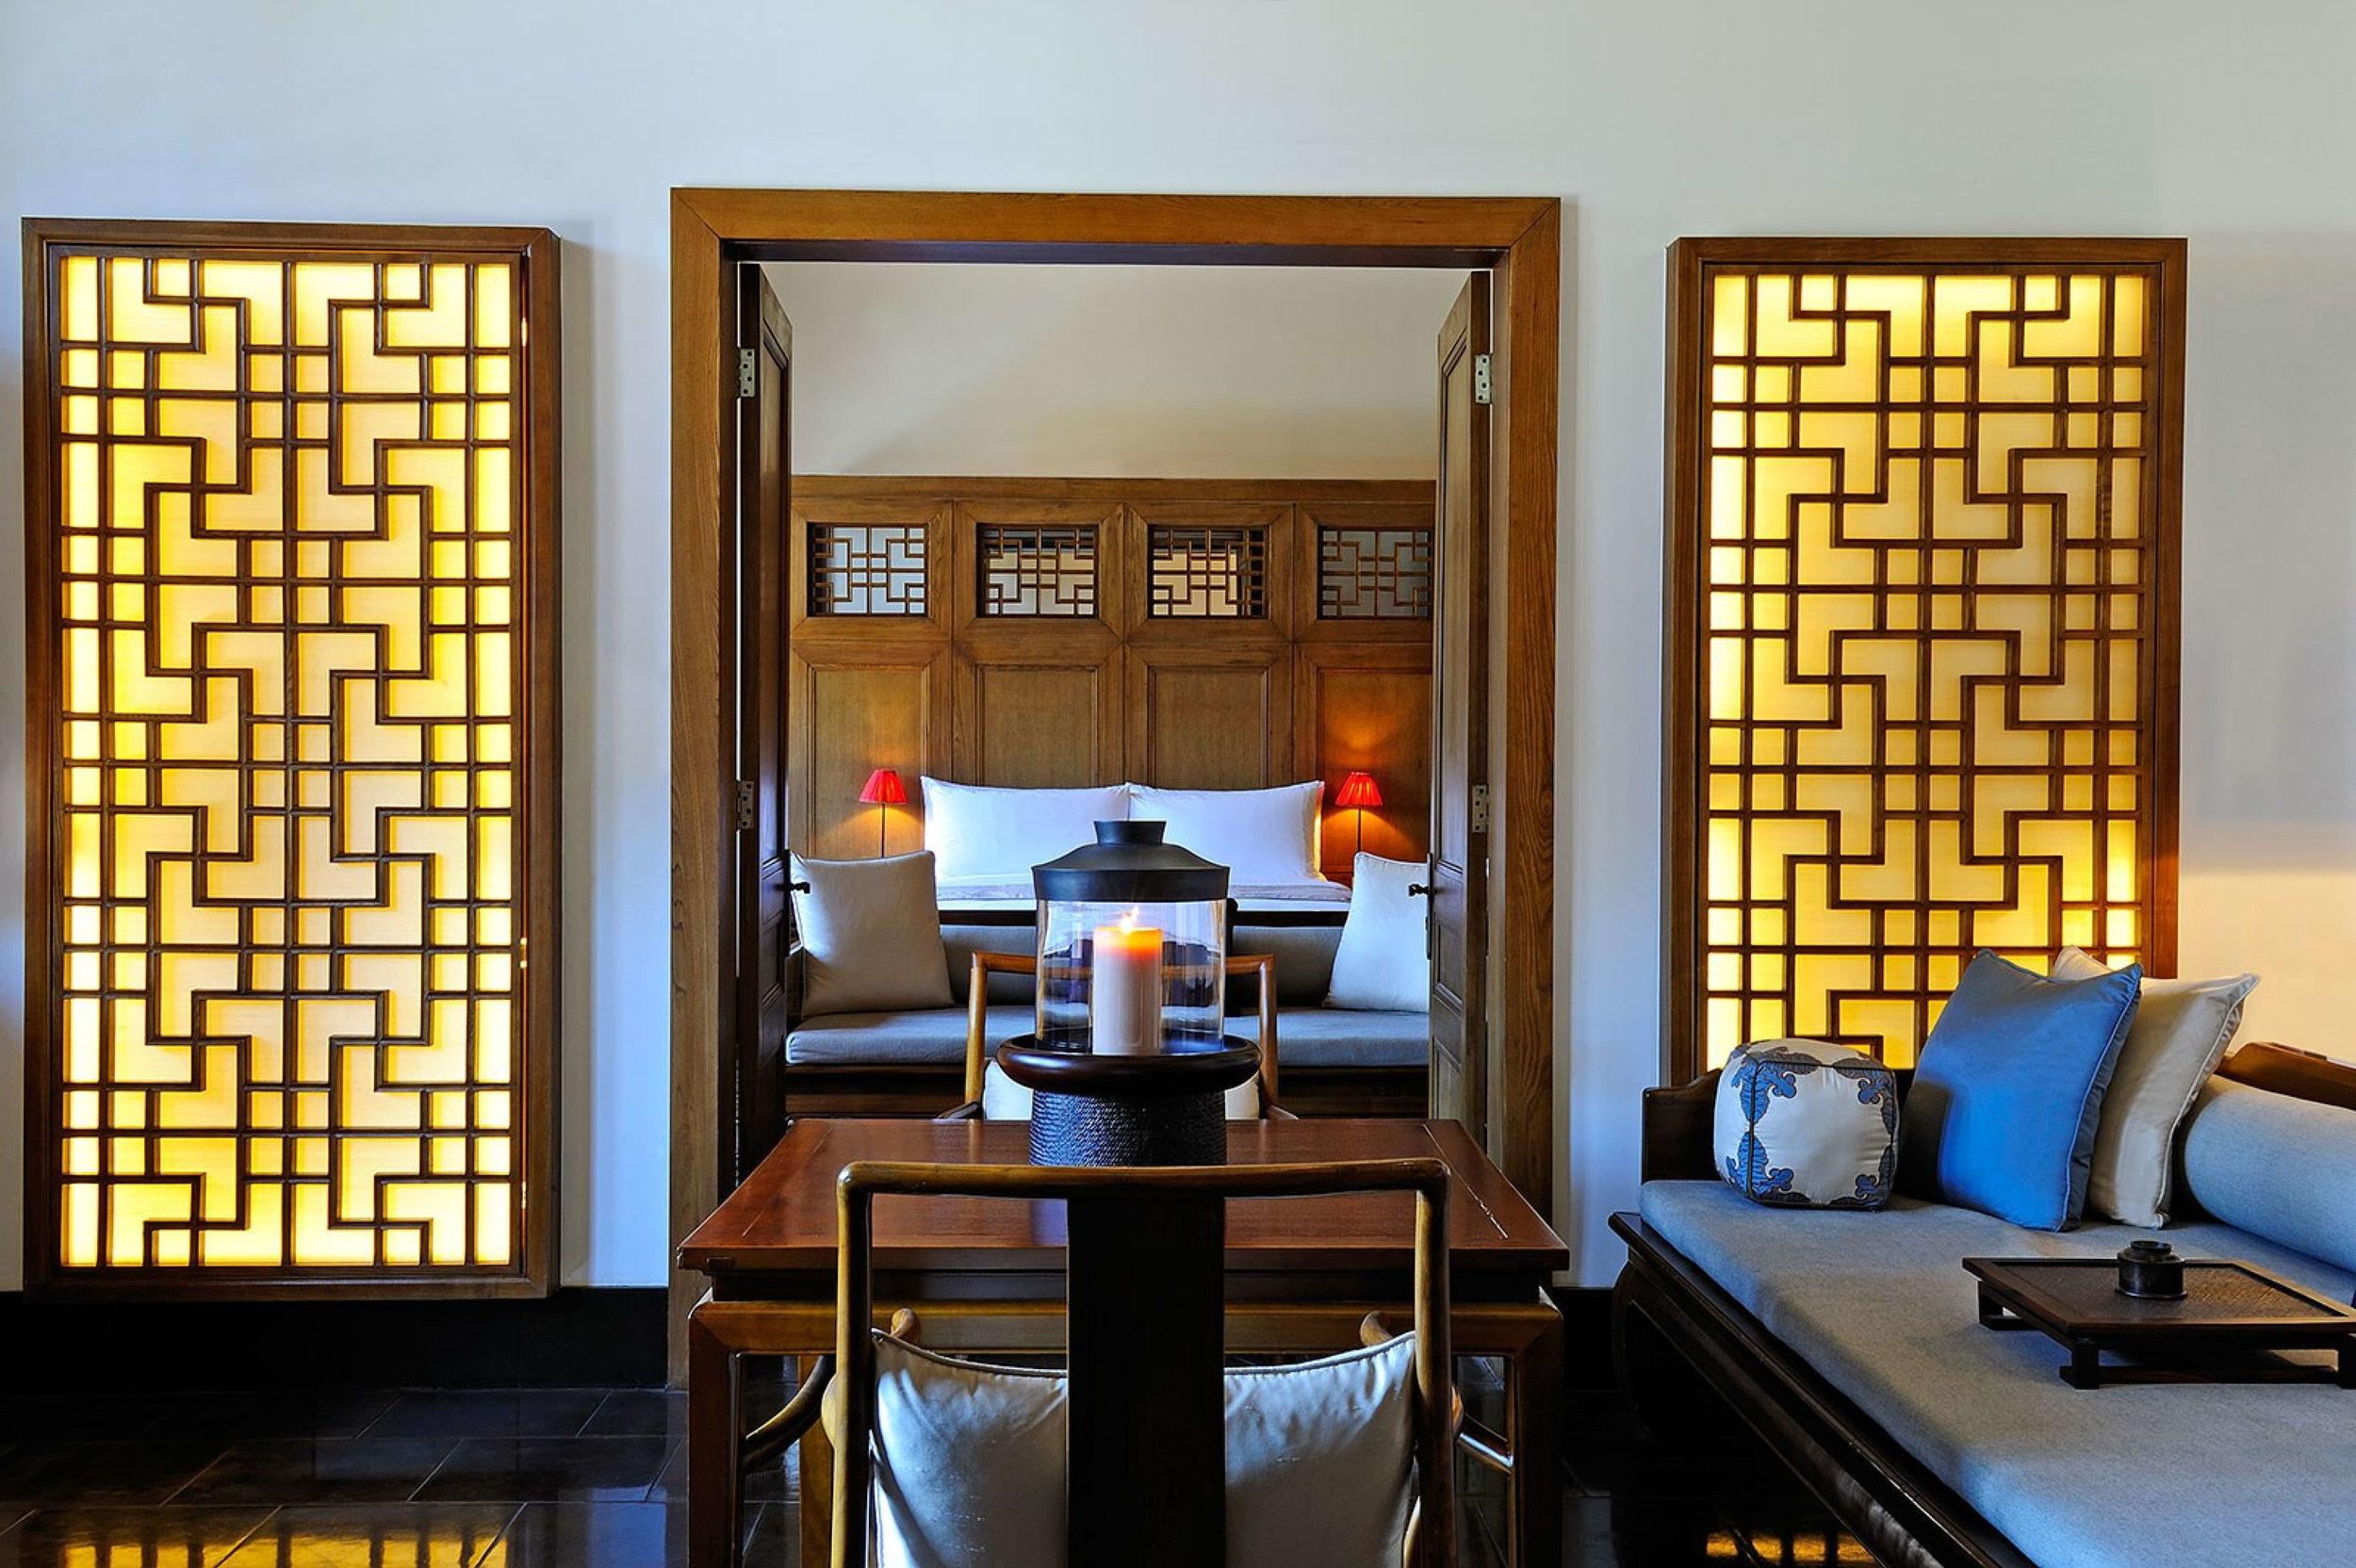 03-ASPB-Imperial-Suite-Interior.jpg